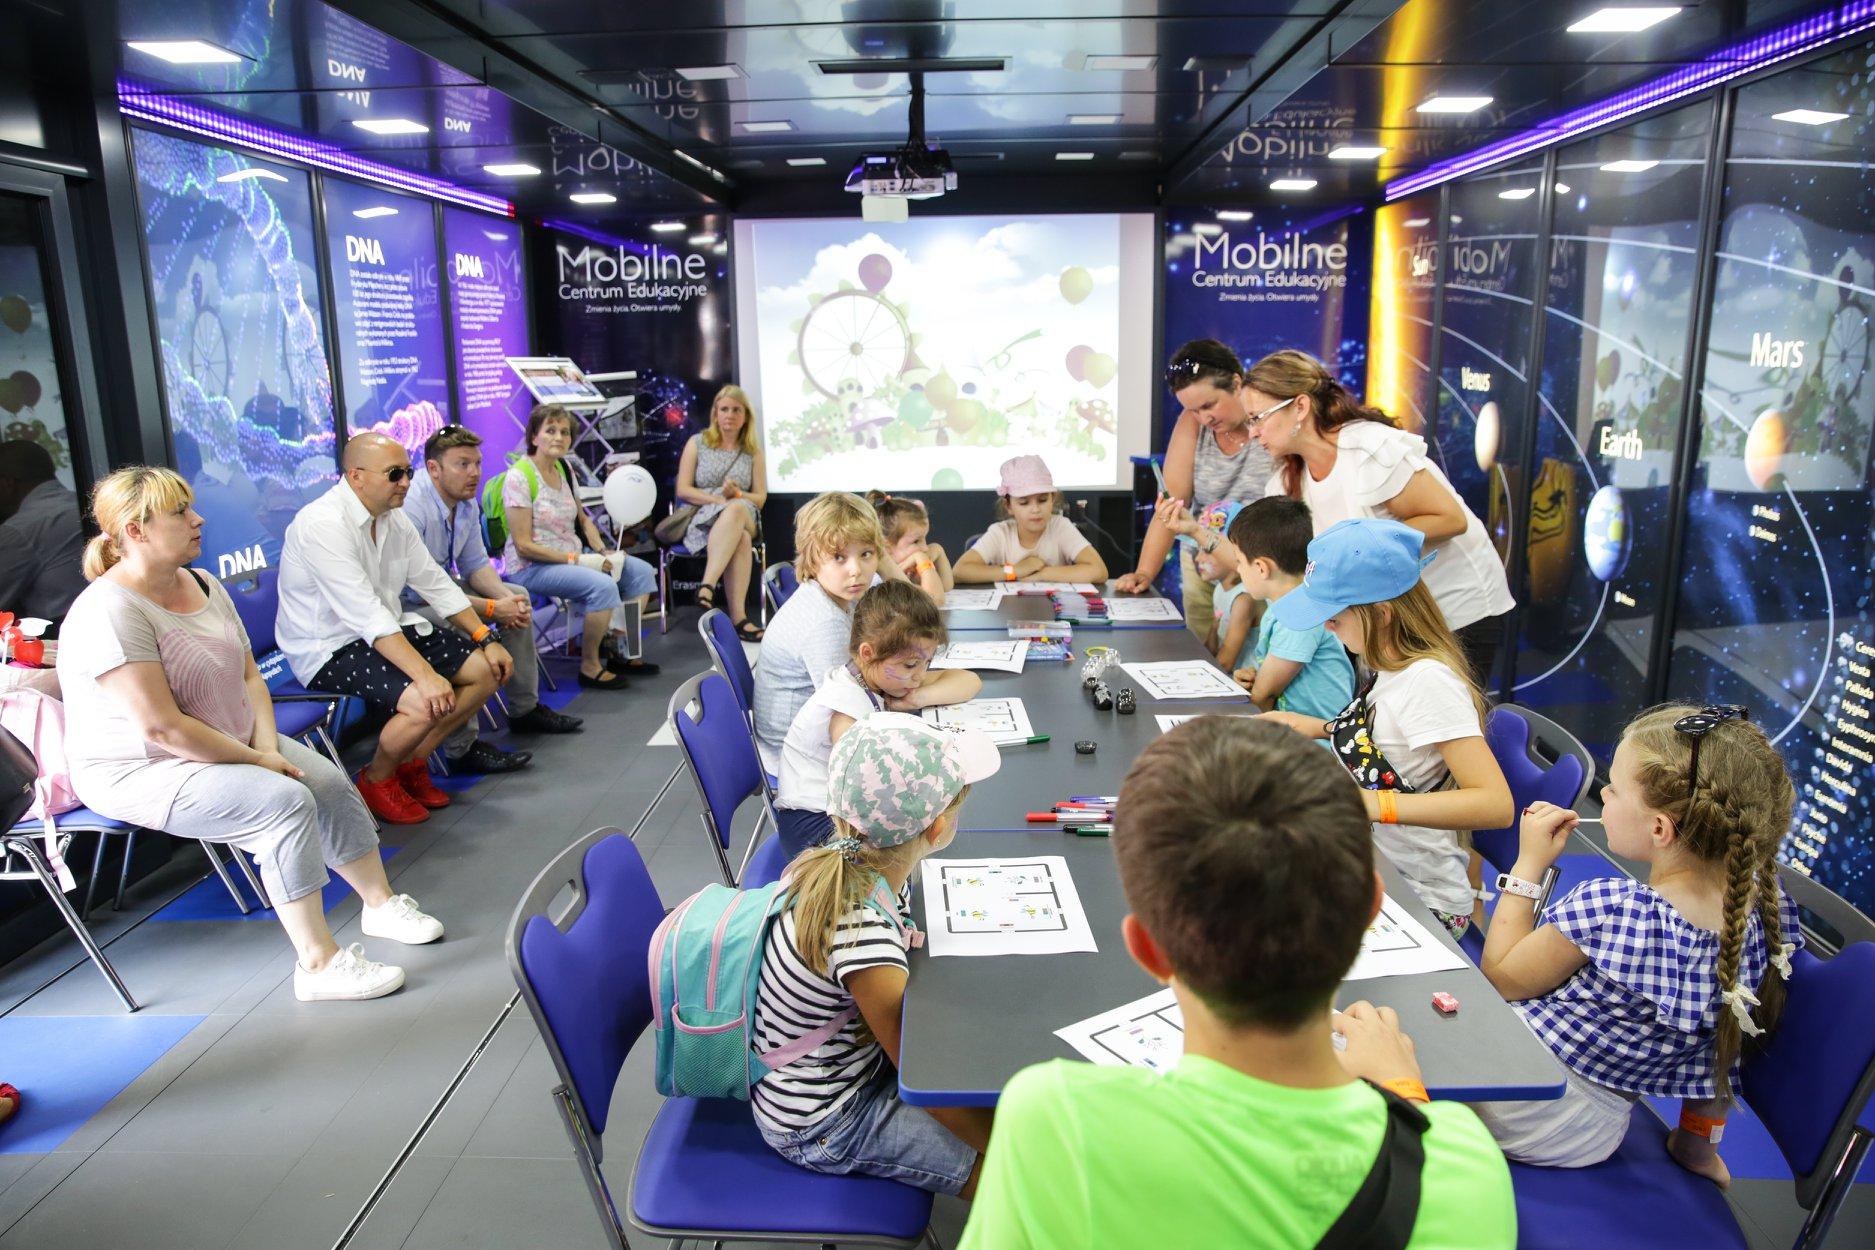 nauka kolobrzeg - Do Kołobrzegu przyjedzie Mobilne Centrum Edukacji z ciekawą pracownią multimedialną